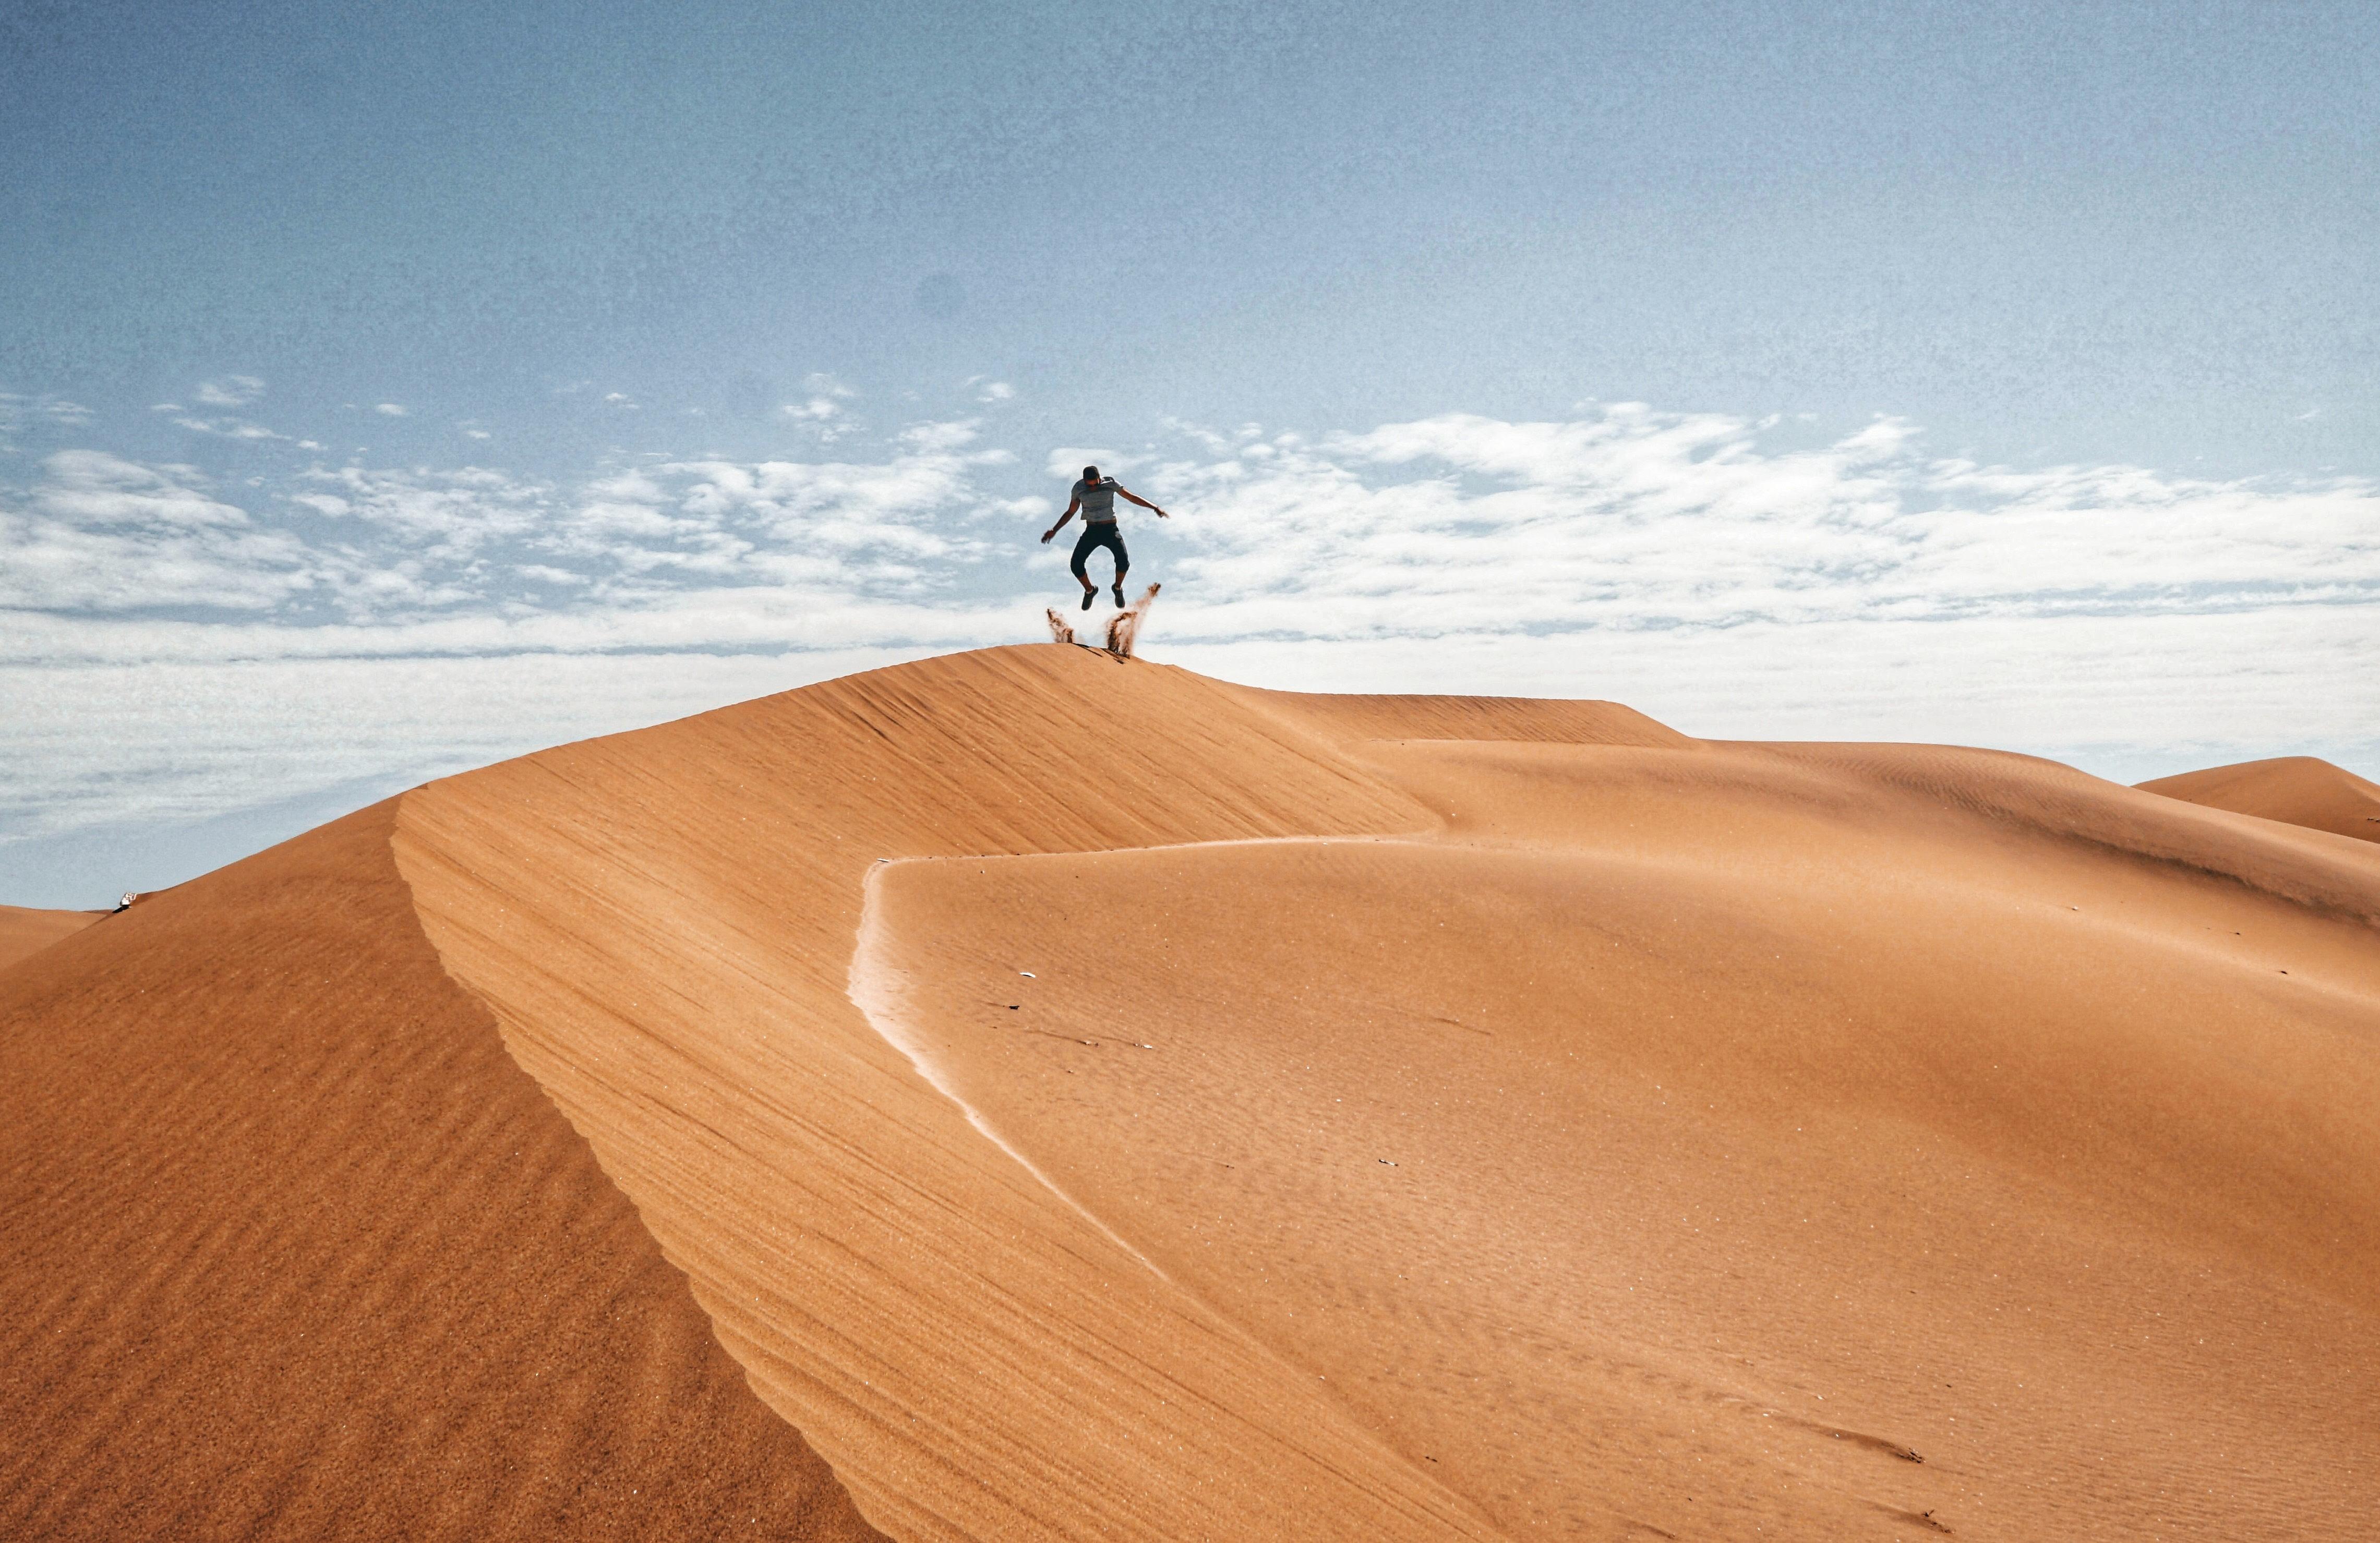 Enjoy Sandboarding